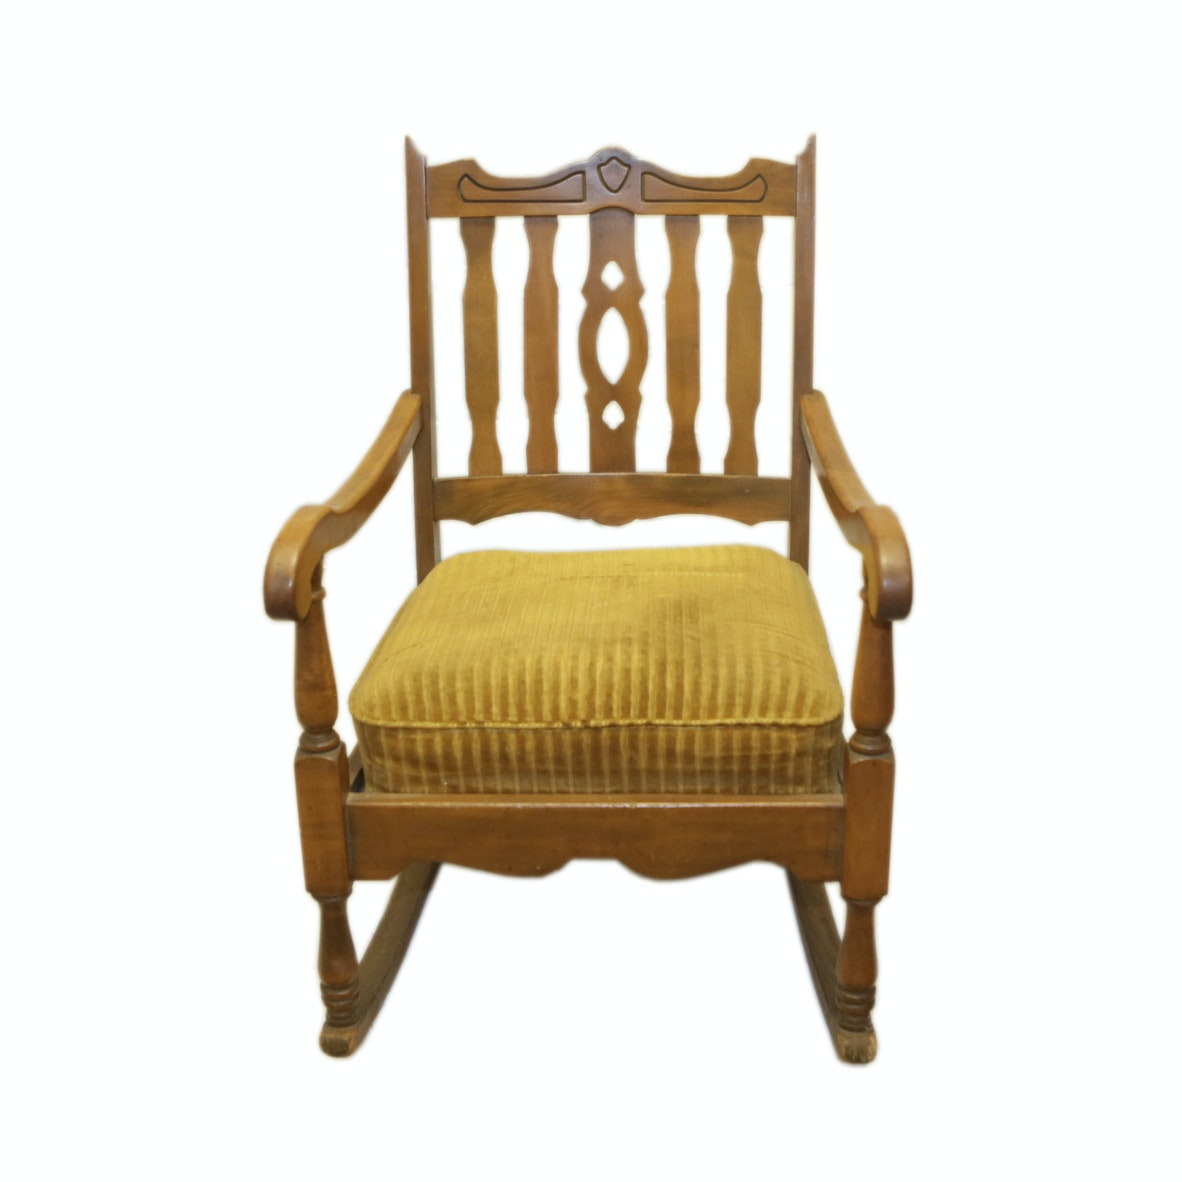 Vintage Slat Back Rocking Chair